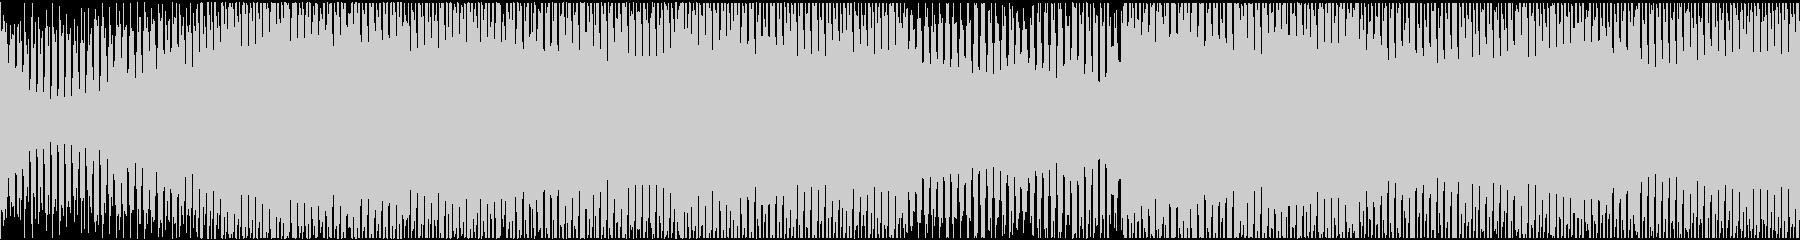 和楽器を用いた和風EDMループの未再生の波形